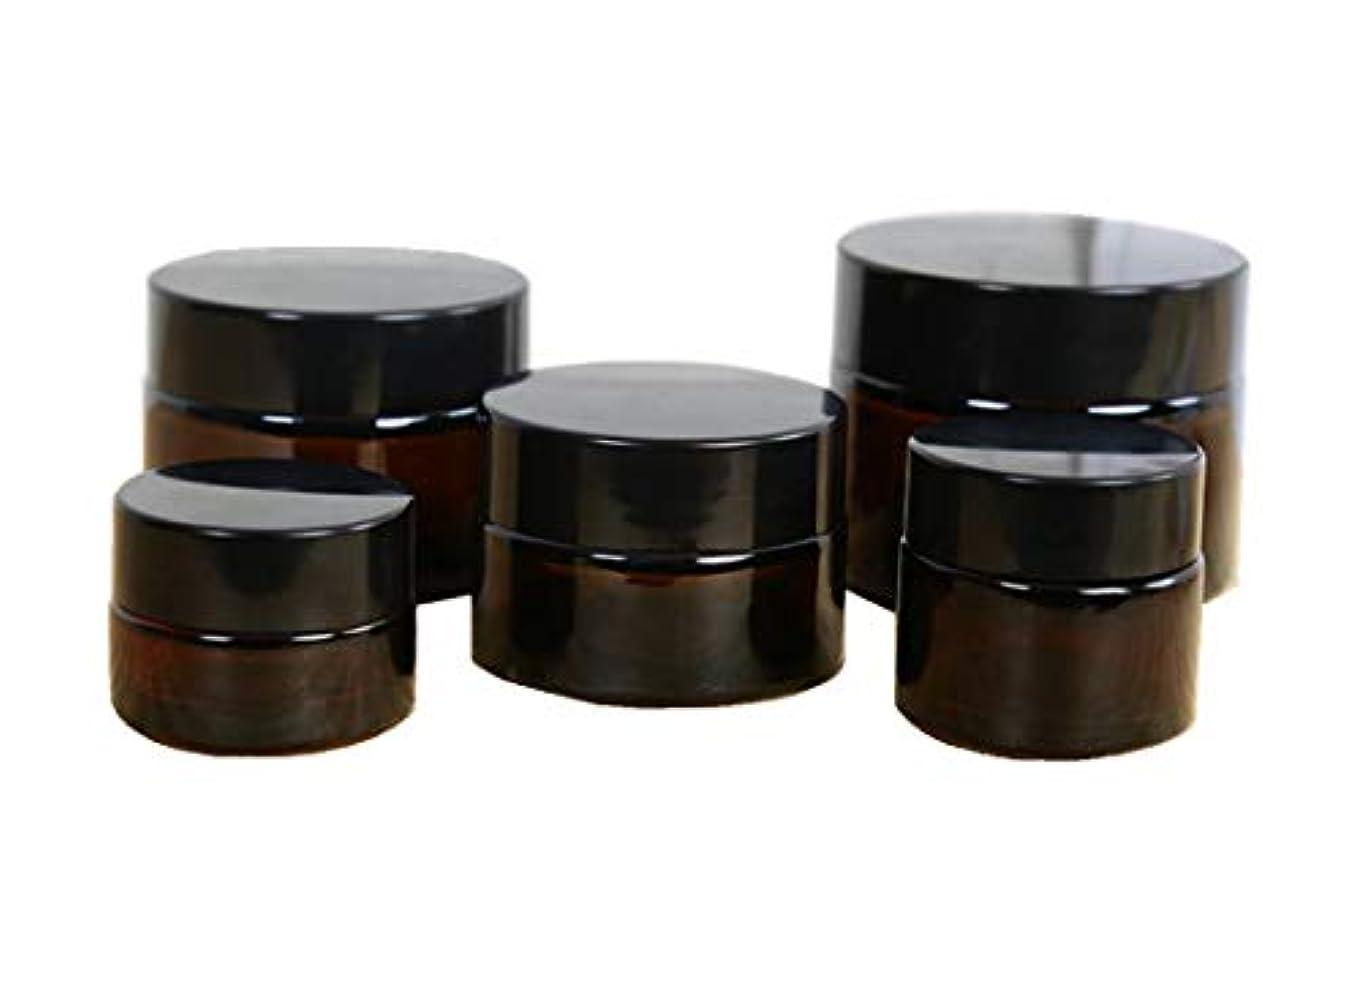 喜ぶ間隔リップクリーム容器 遮光瓶 ハンドクリーム 容器 ガラス製 ボトル 茶色 詰替え 保存用 10g/20g/30g/50g/100g 5個セット